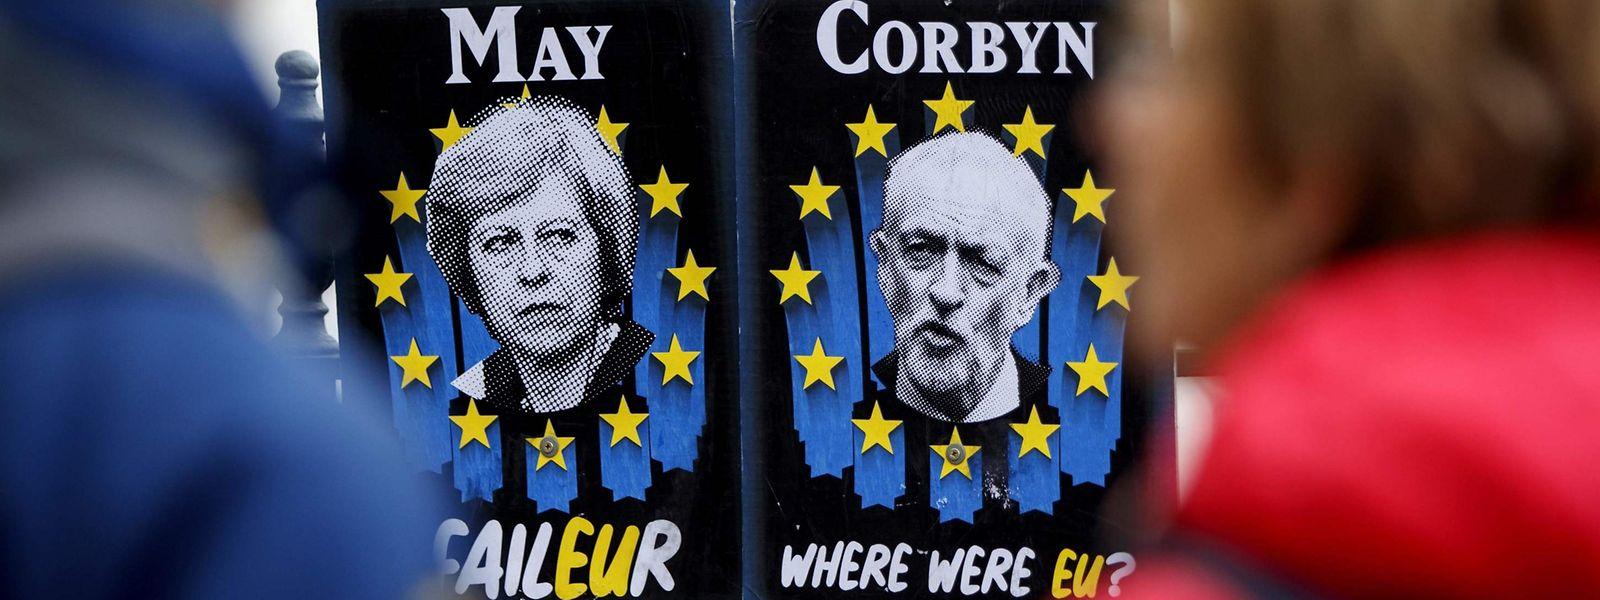 Les discussions de dernière minute entre la Première ministre Theresa May et le chef de l'opposition Jeremy Corbyn se poursuivent ce jeudi, afin de tenter de trouver une issue au Brexit.